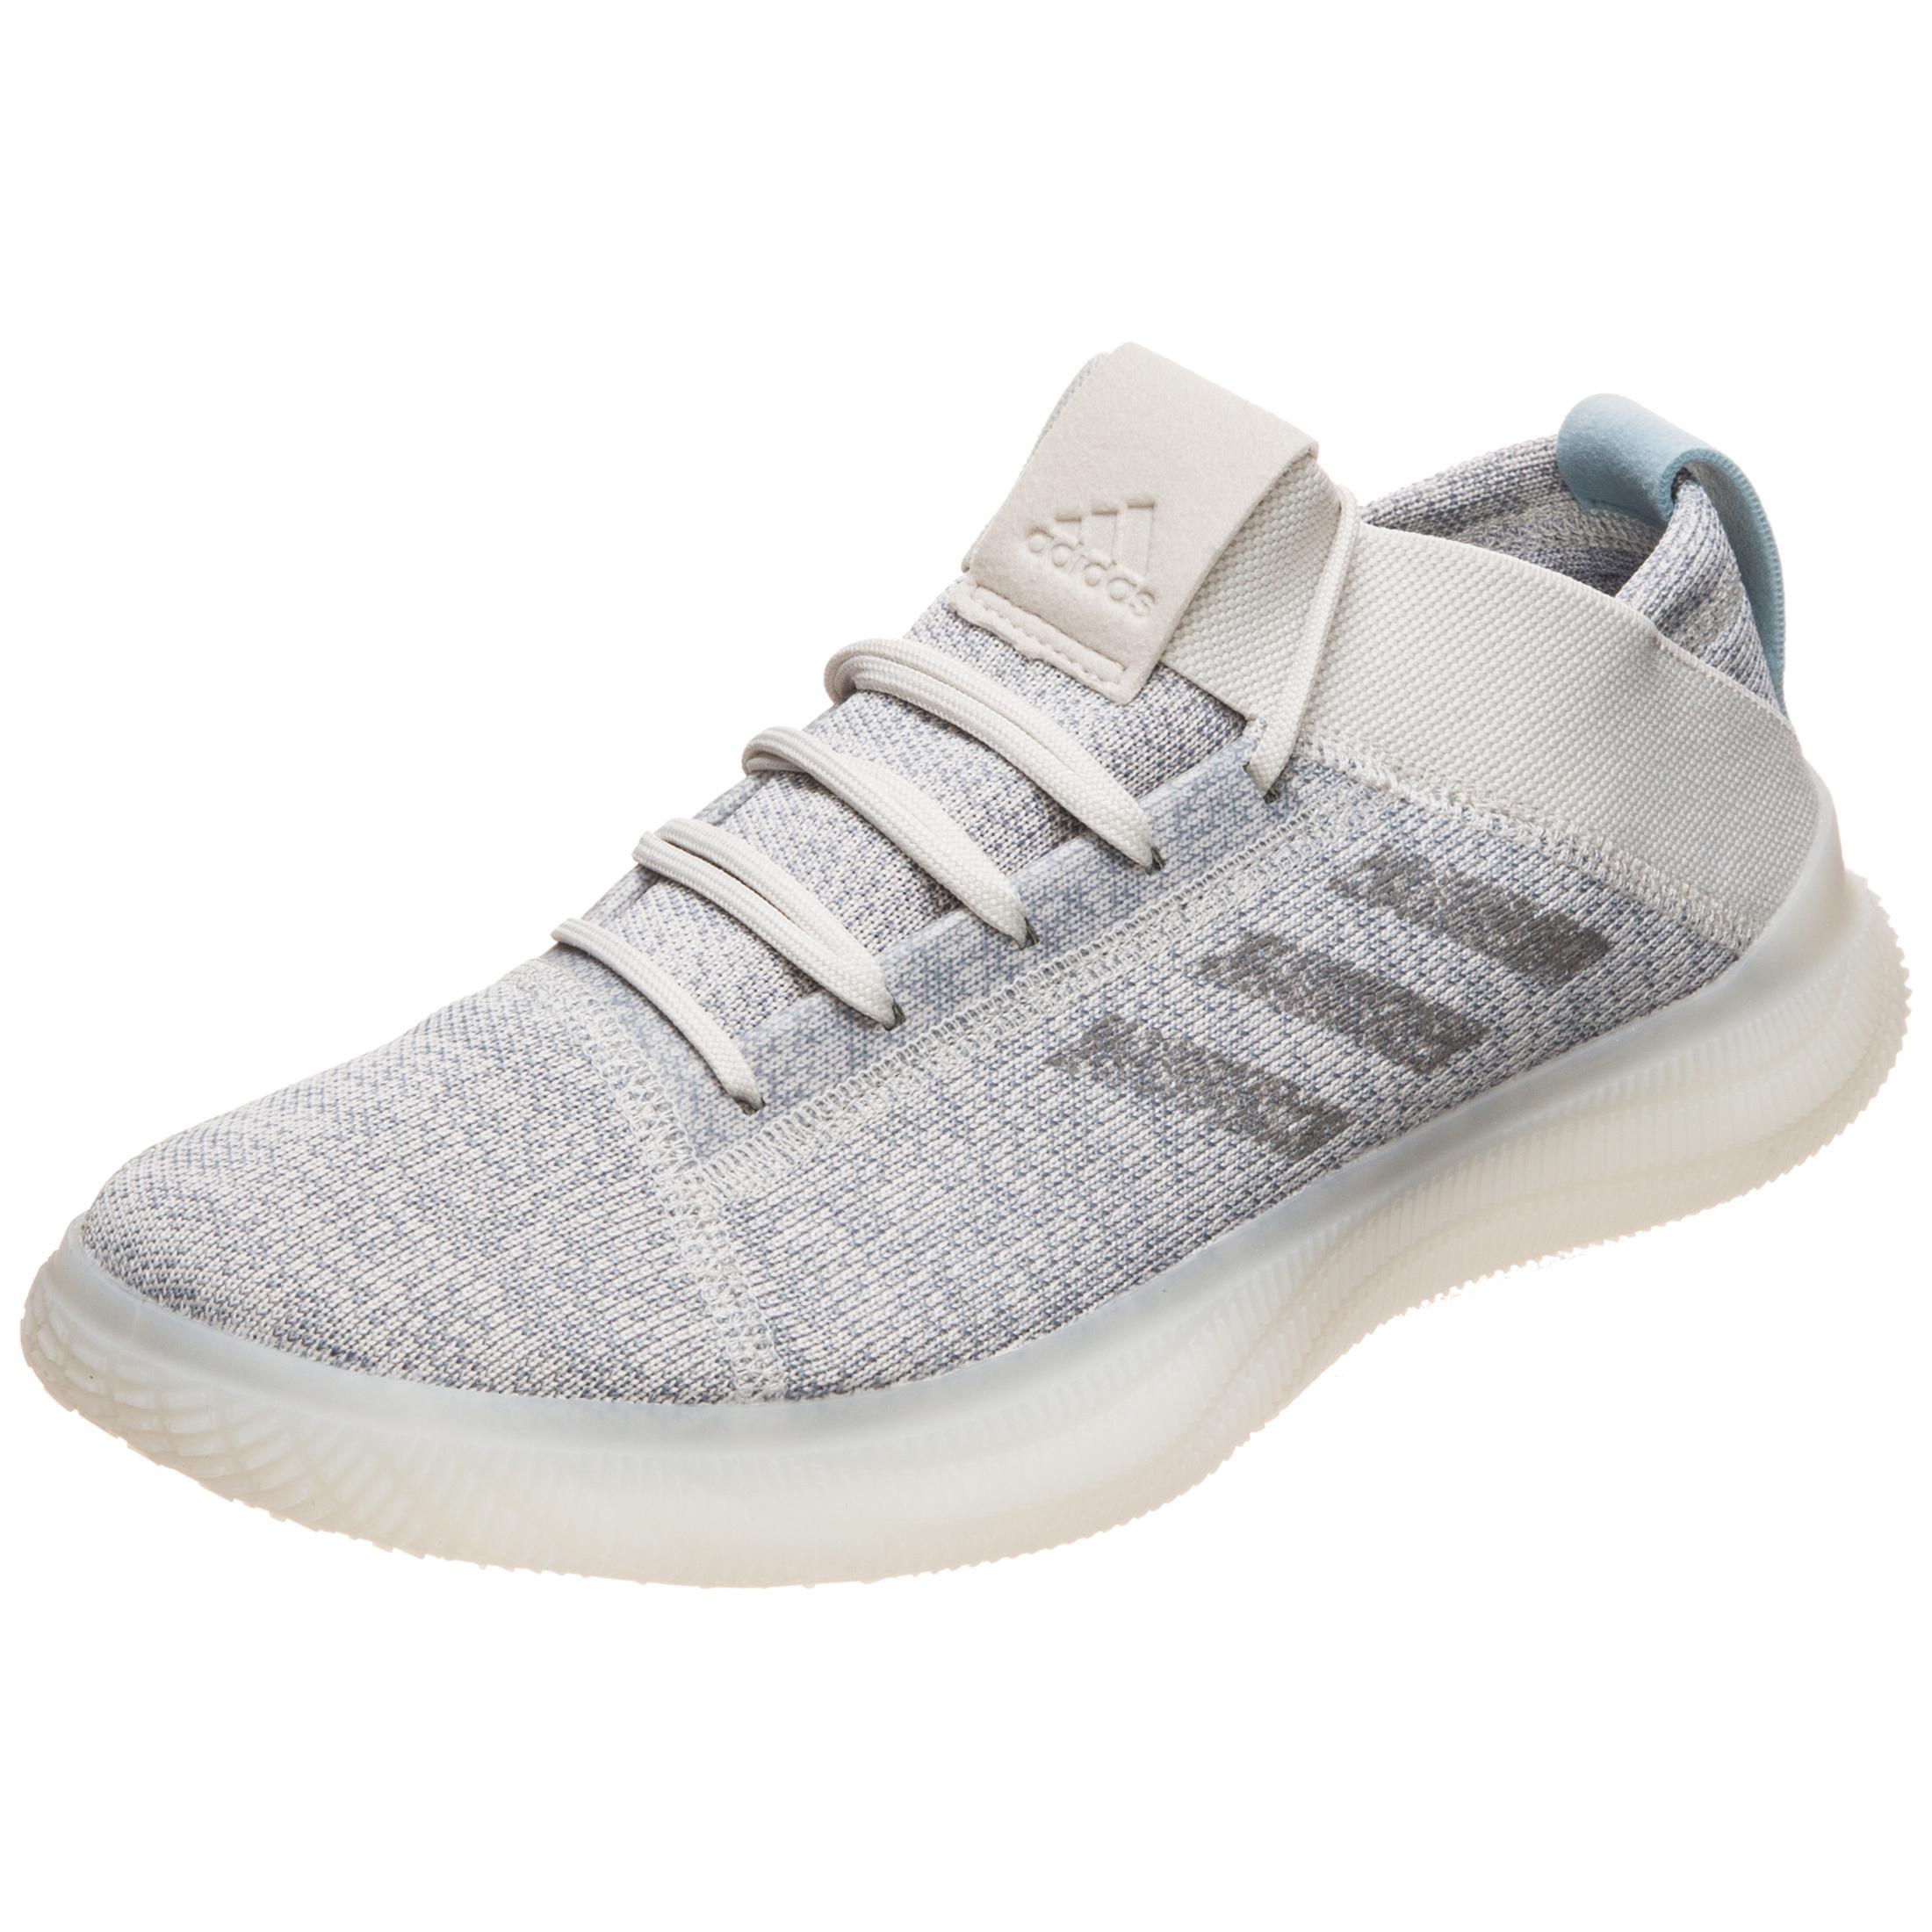 Adidas Pure BOOST Trainer Fitnessschuhe Herren weiß     grau im Online Shop von SportScheck kaufen Gute Qualität beliebte Schuhe 798cdd